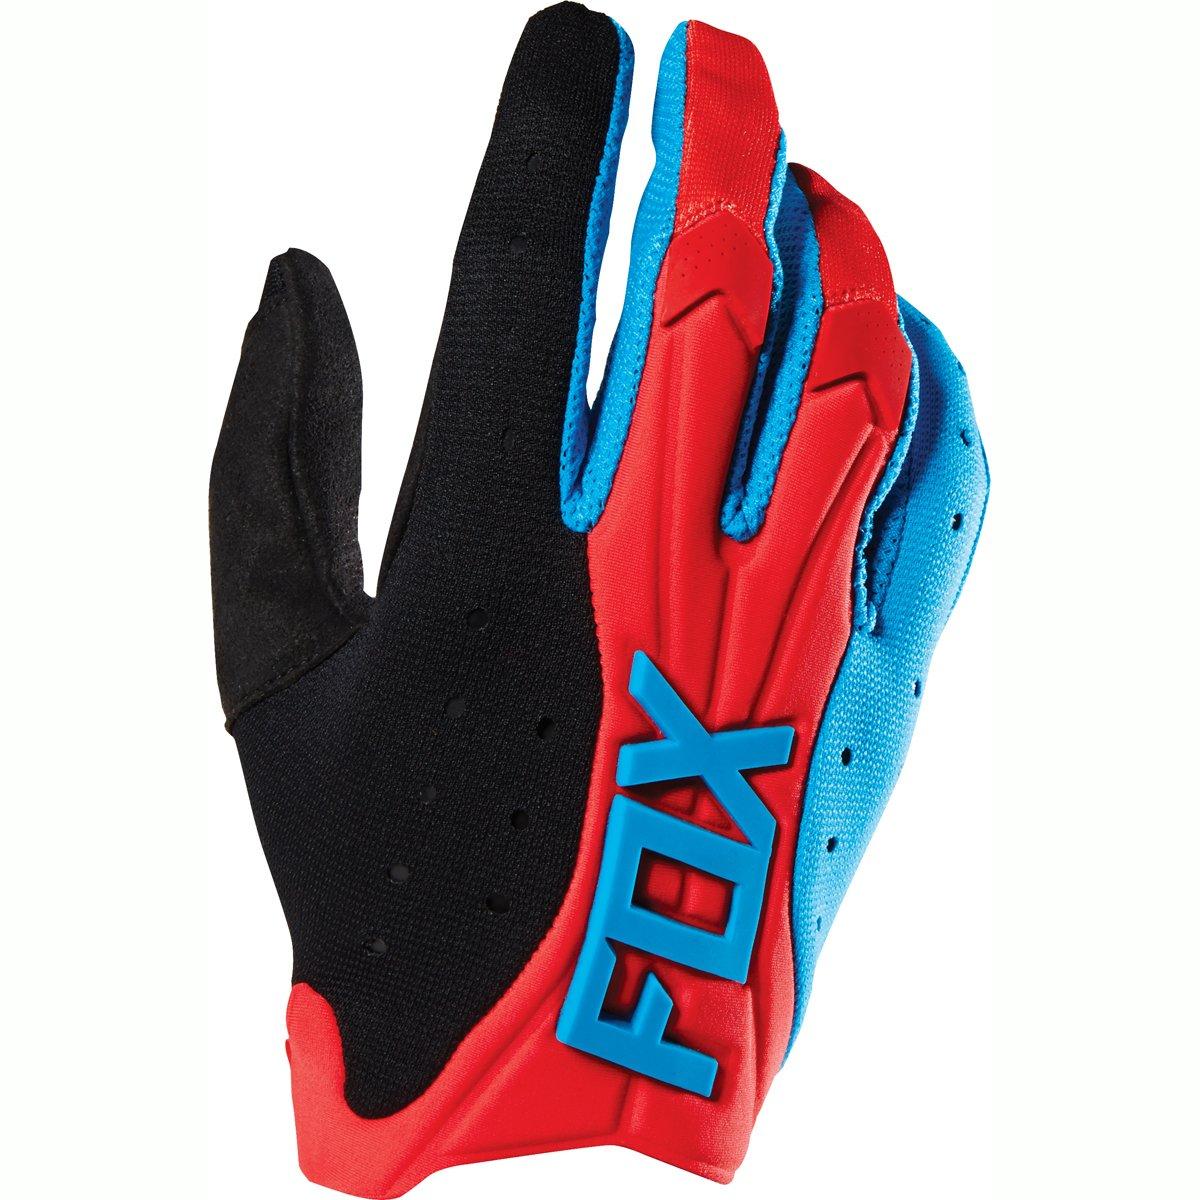 guante fox flexair azul/rojo talle xl